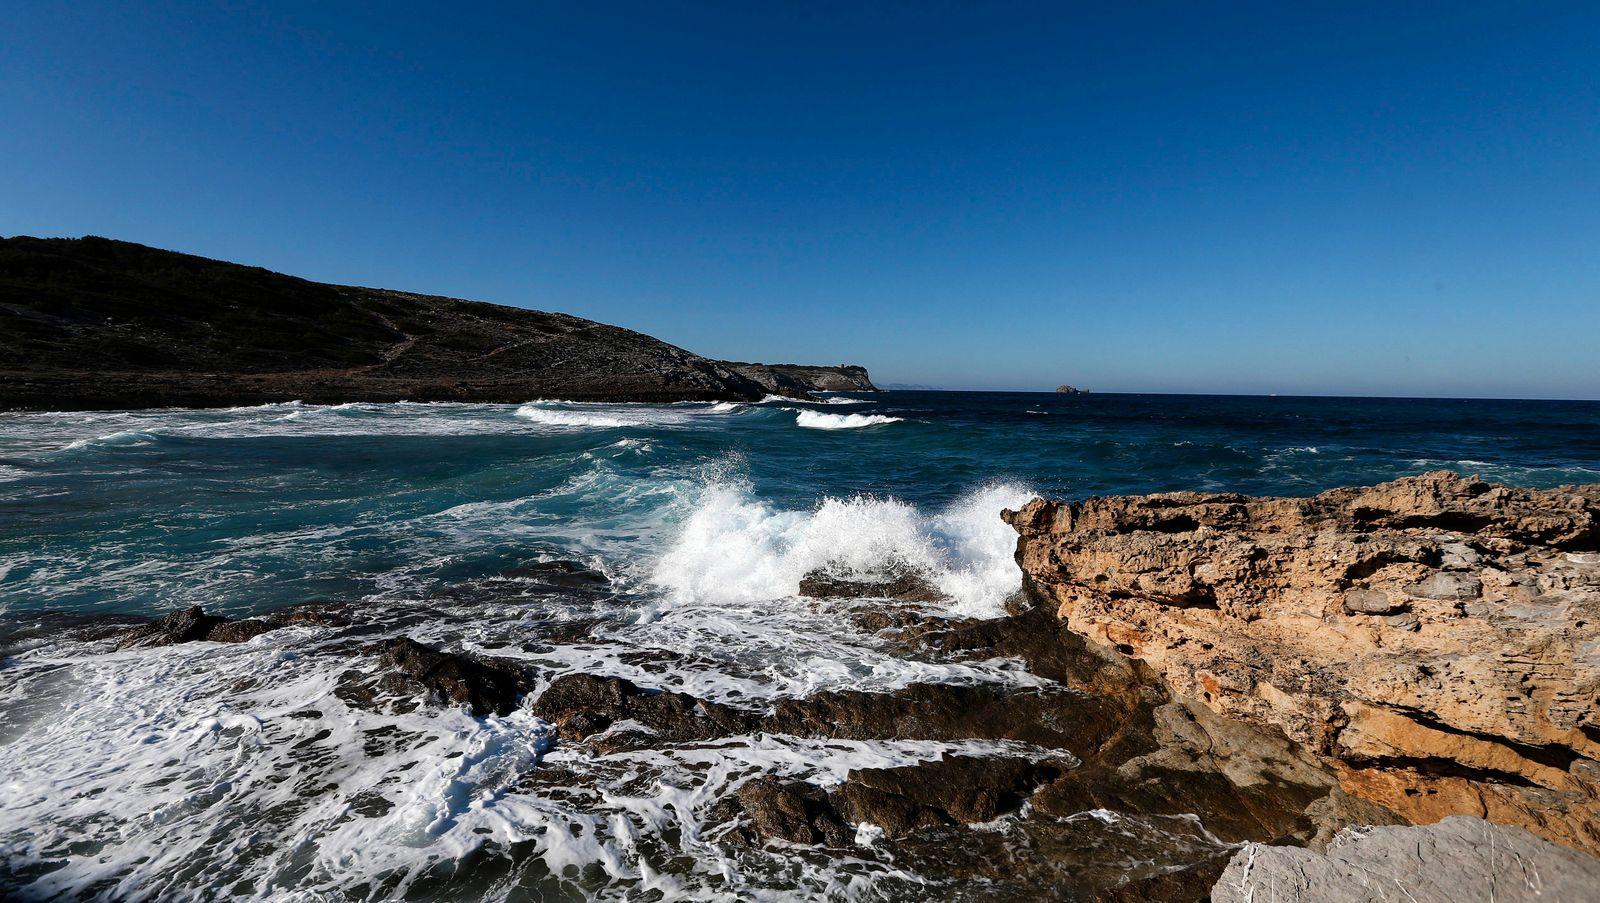 Wellen branden an Felsen Blick auf die Bucht von Cala Torta bei strahlendem Sonnenschein einer der